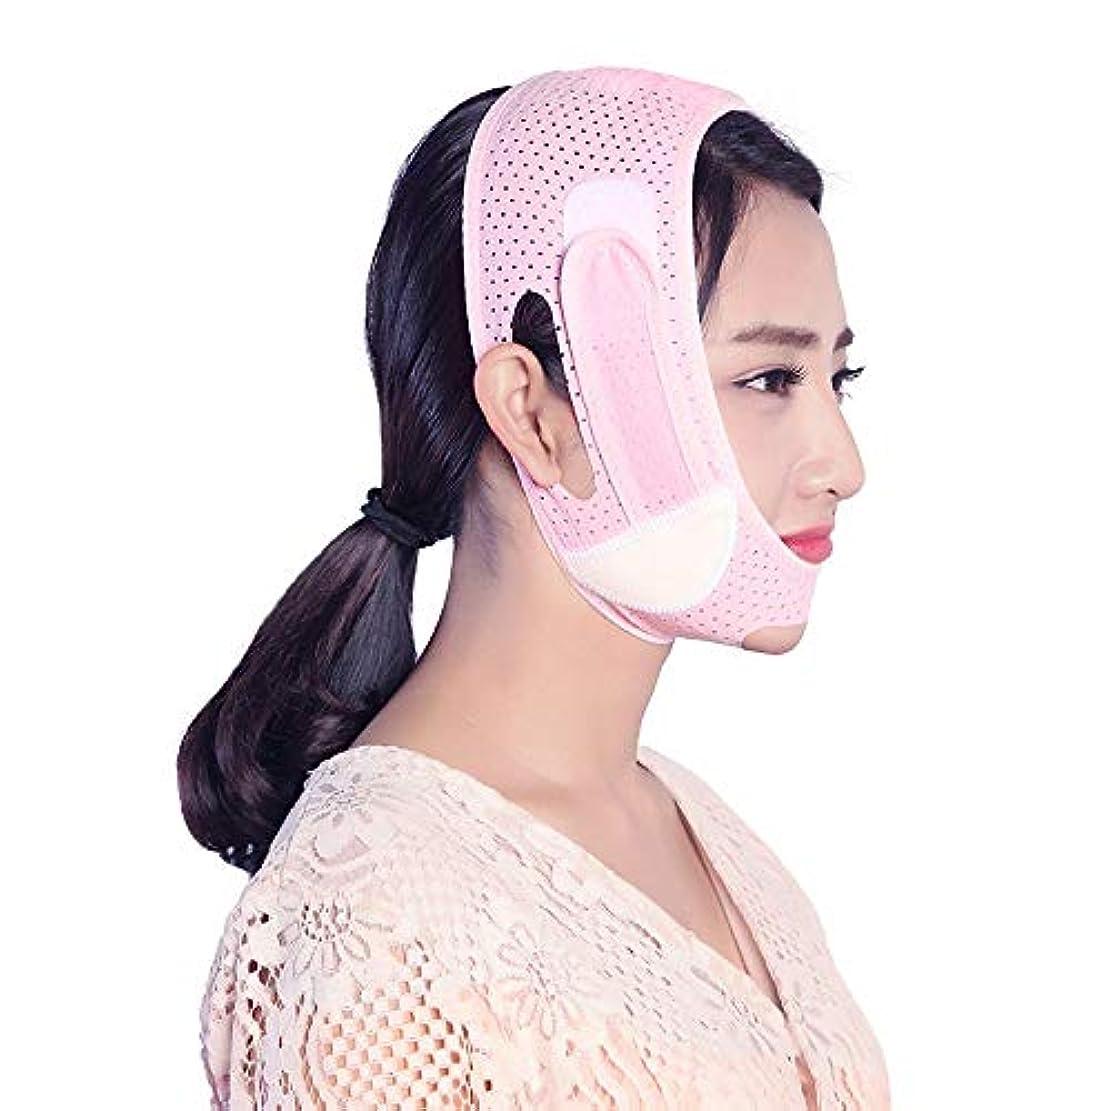 補償コスチュームレイ睡眠薄い顔パッチ包帯吊り上げプルv顔引き締めどころアーティファクト判決パターン二重あご薄いマッセルマスク - ピンク